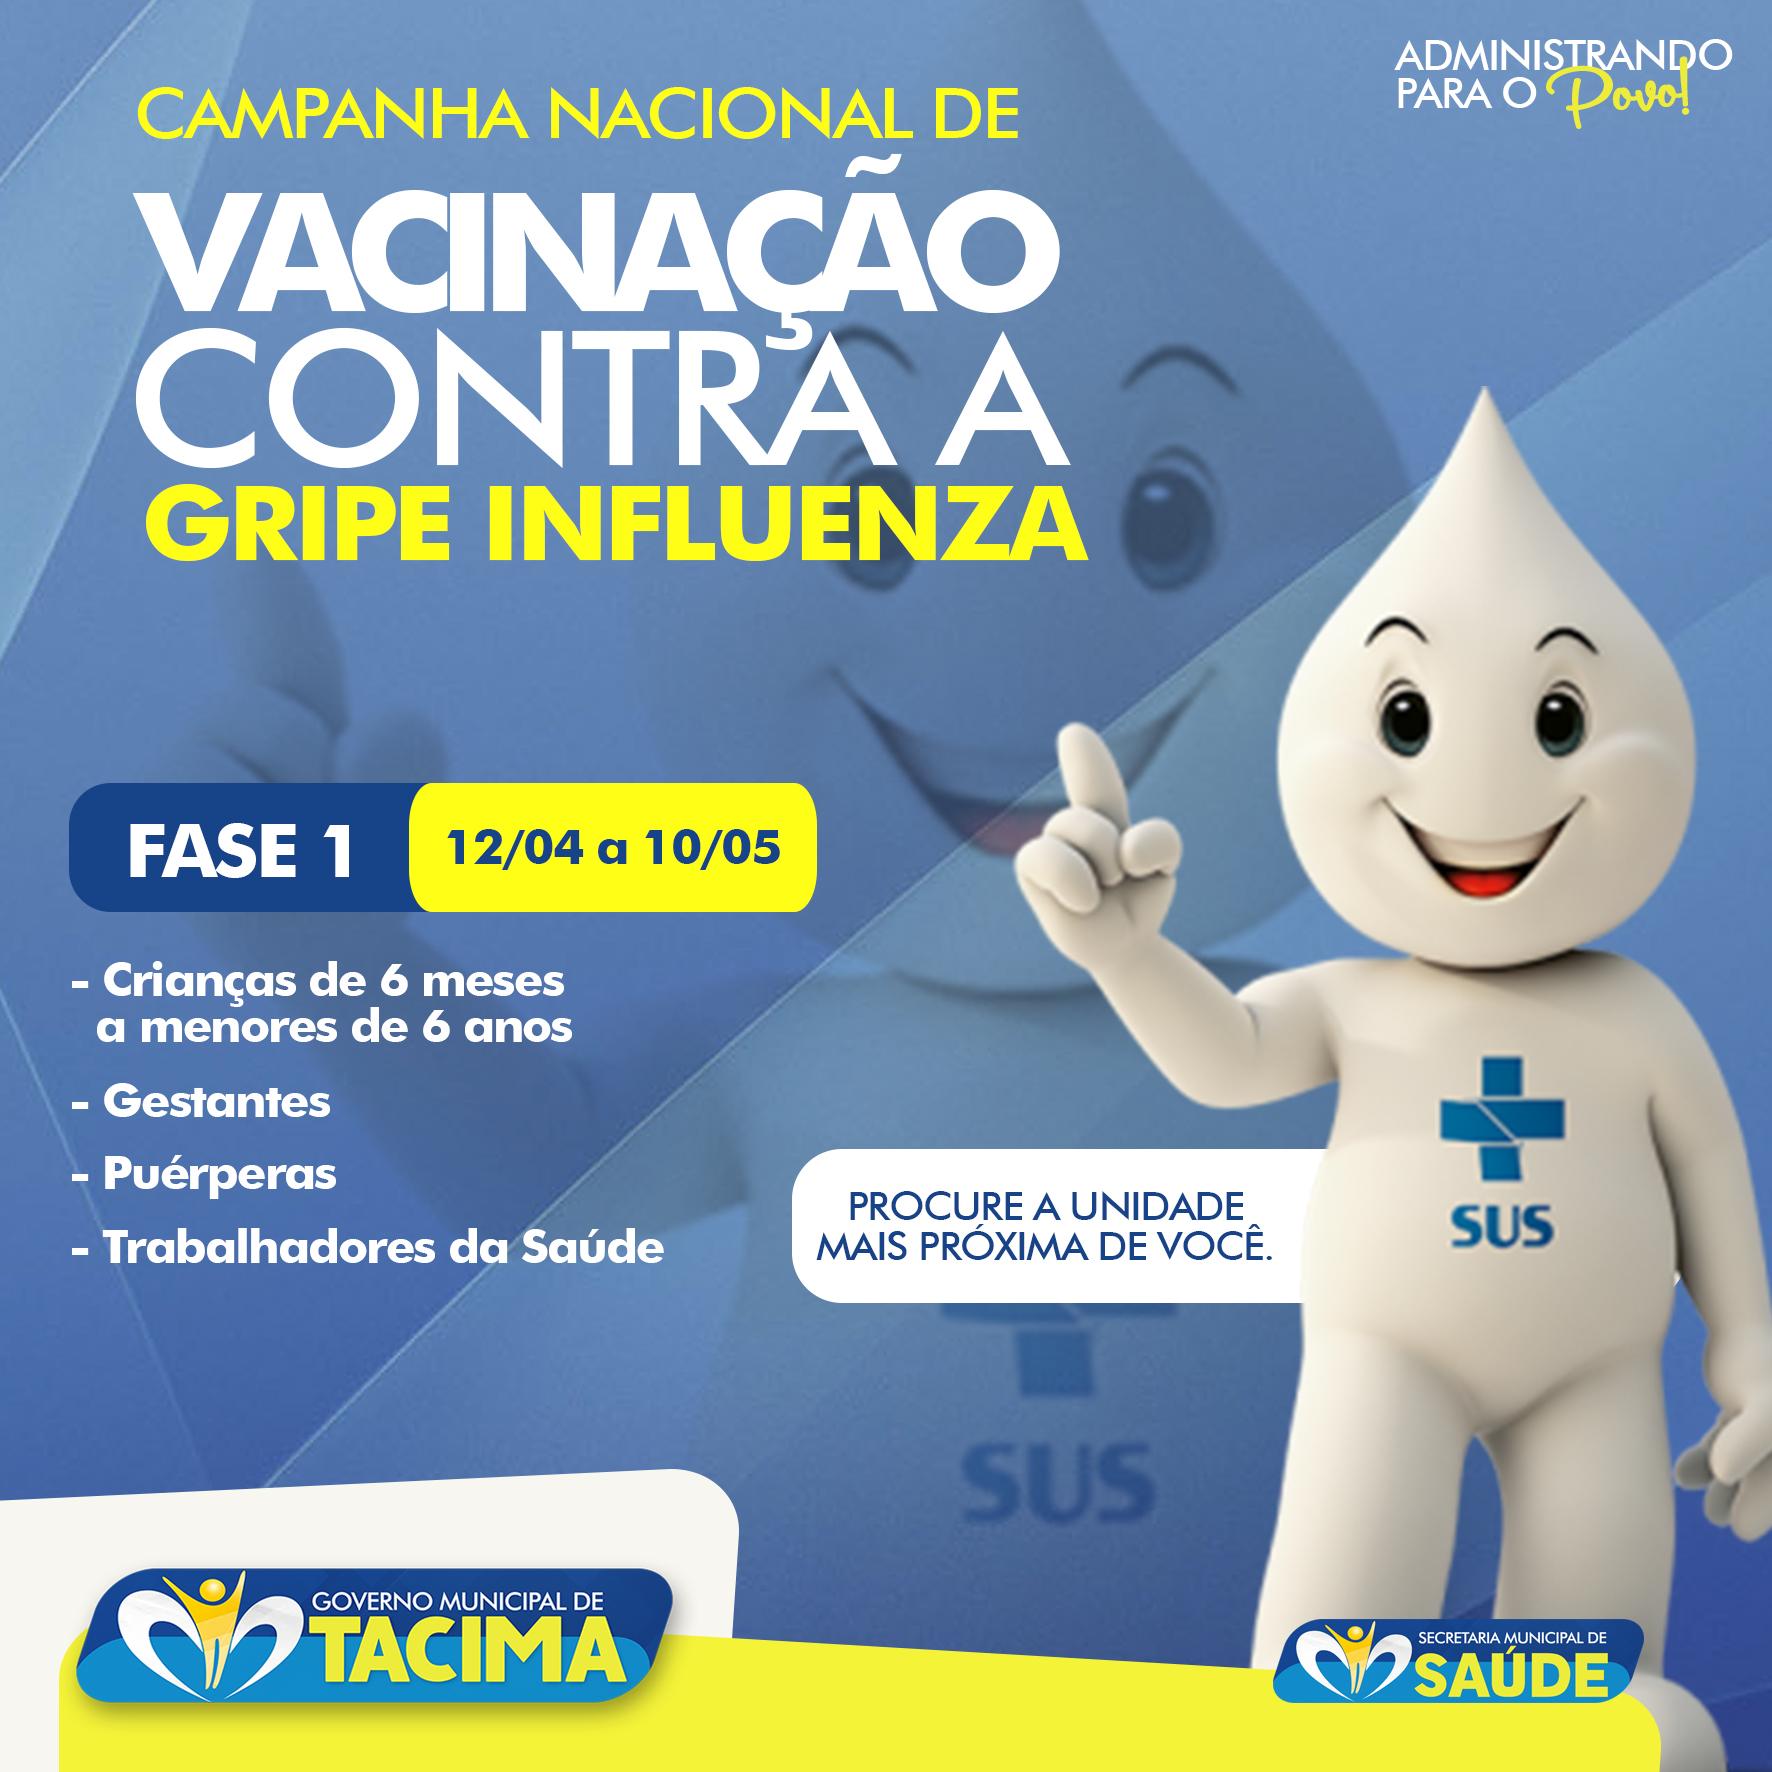 PREFEITURA DE TACIMA INICIA NESTA SEGUNDA-FEIRA A CAMPANHA DE VACINAÇÃO CONTRA A INFLUENZA.